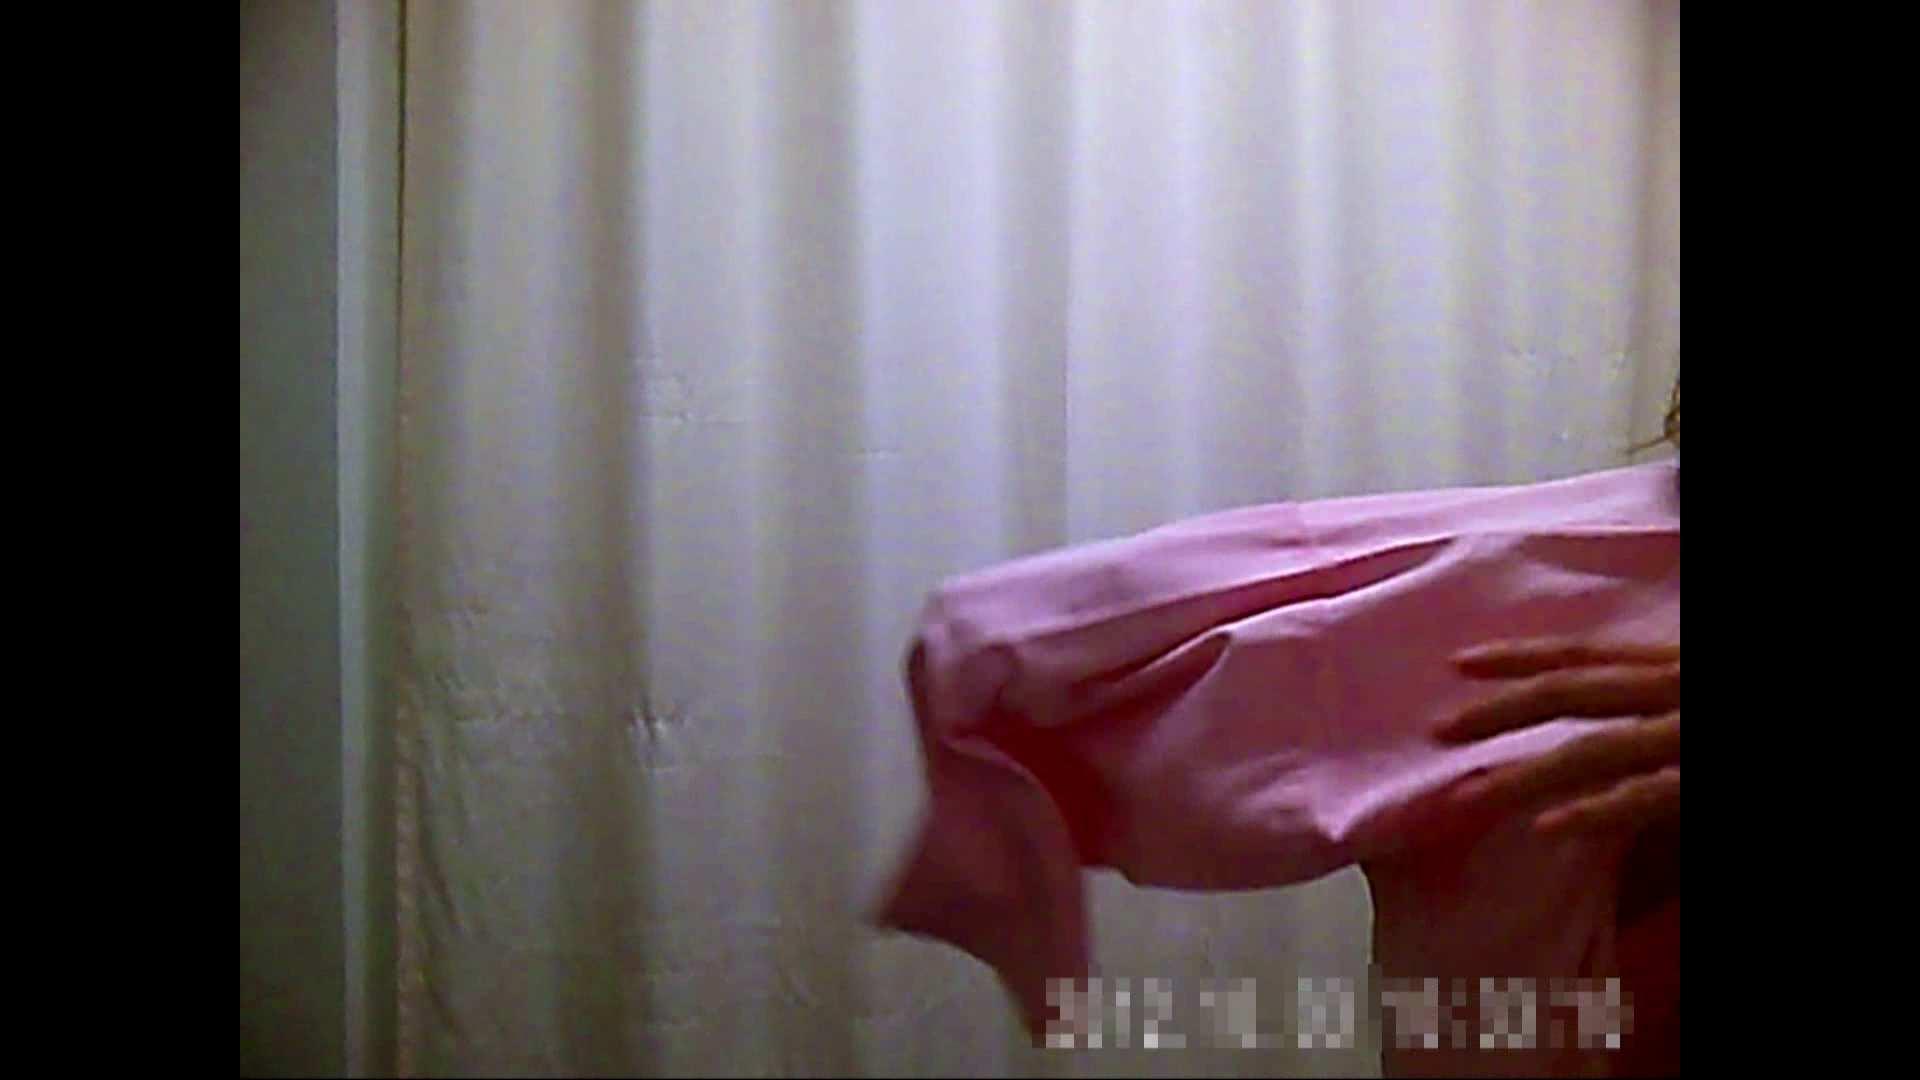 元医者による反抗 更衣室地獄絵巻 vol.069 エッチすぎるOL達 | 0  55連発 21